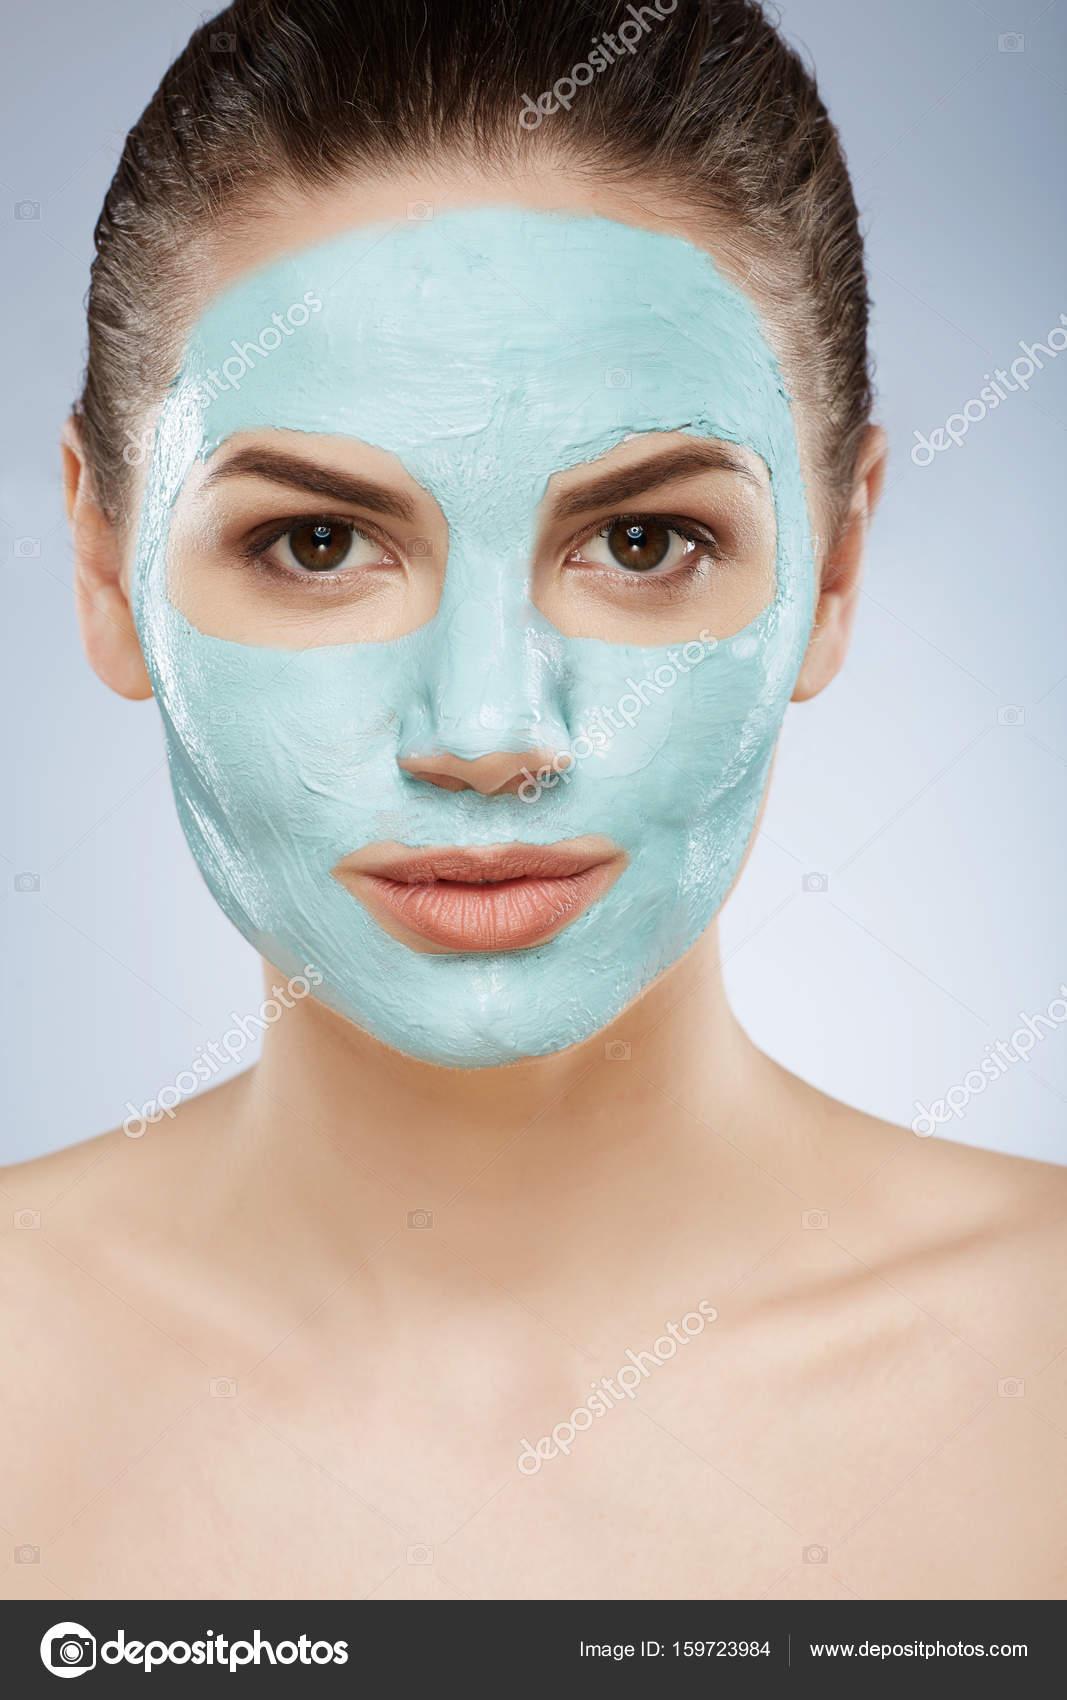 naked-girl-face-mask